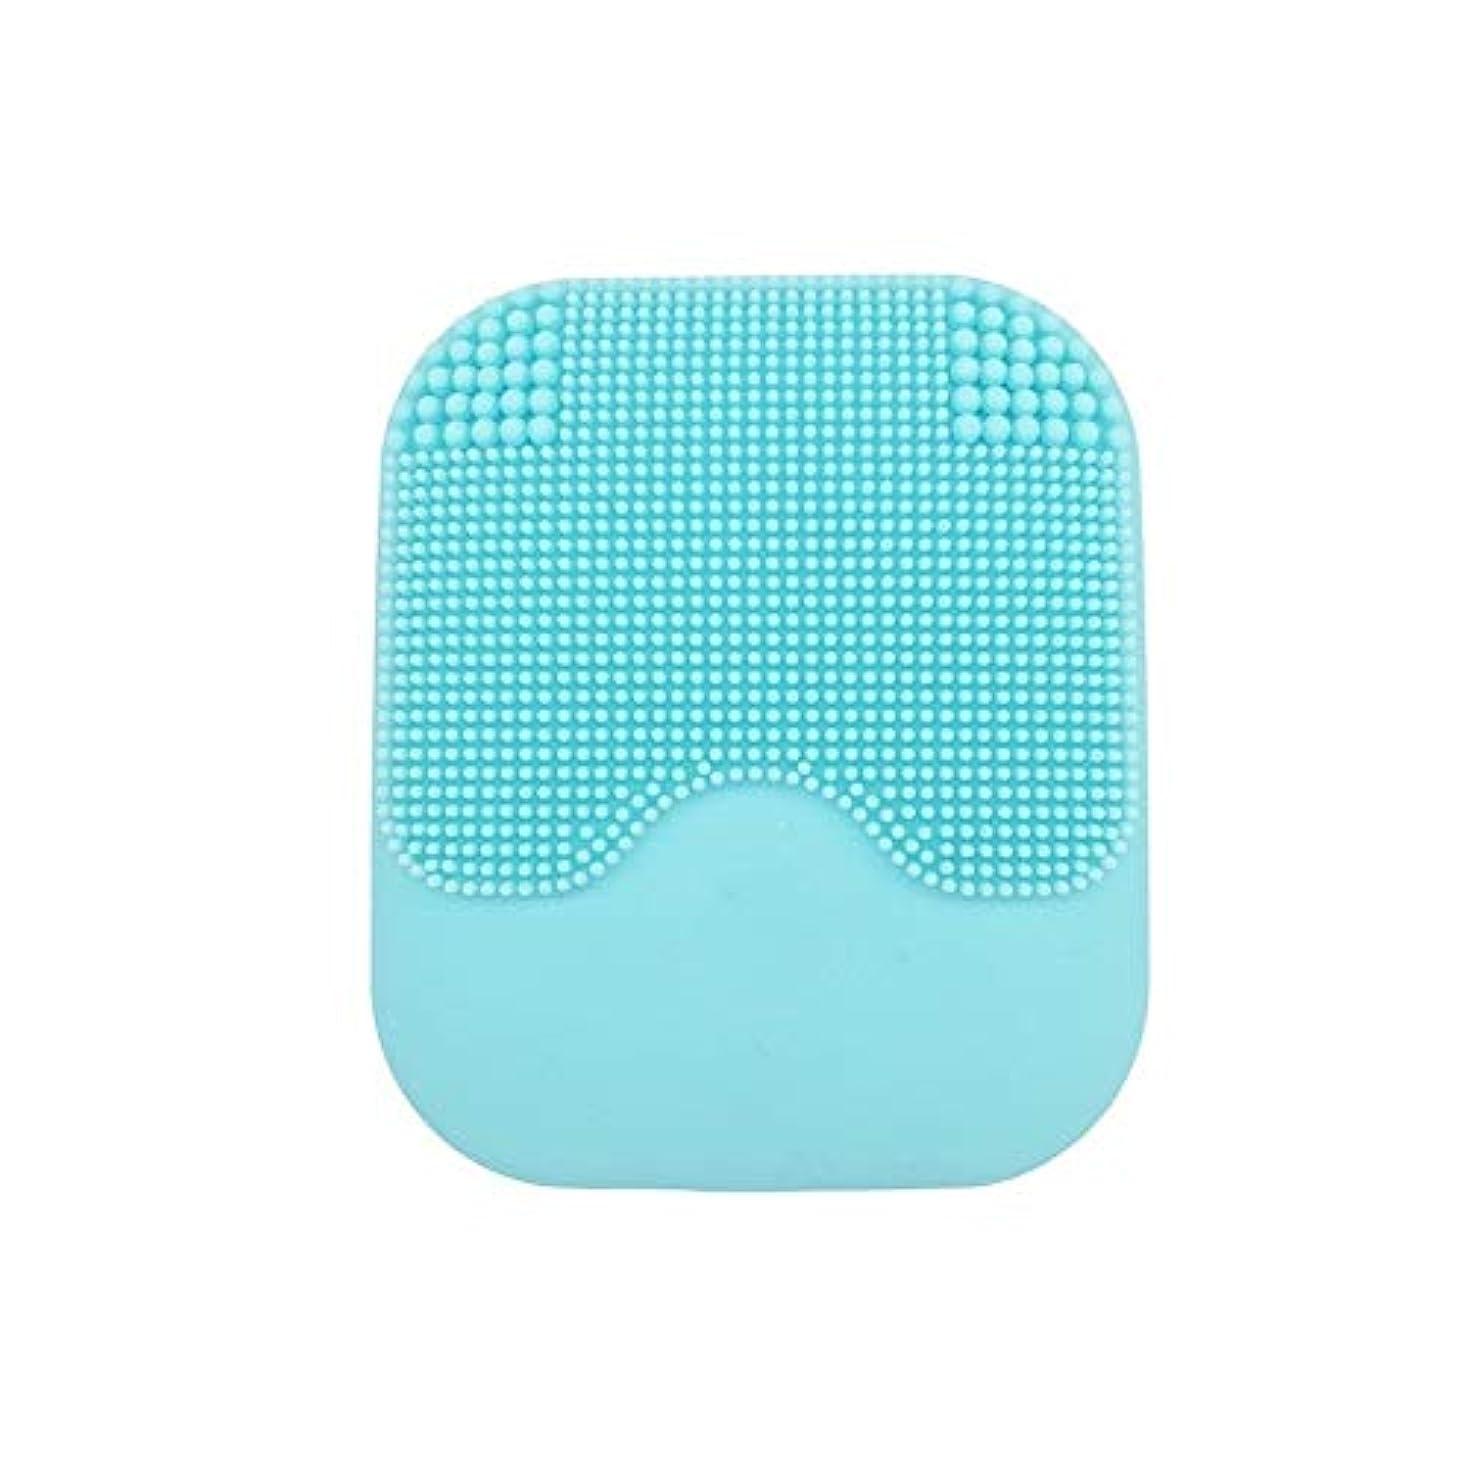 基本的なハーフストリップシリコン洗顔ブラシ、スリースピード調節可能な防水充電式ひげエレクトリック顔ブラシ顔面にきびスクラバーアンチエイジングスキンケア (Color : 青)